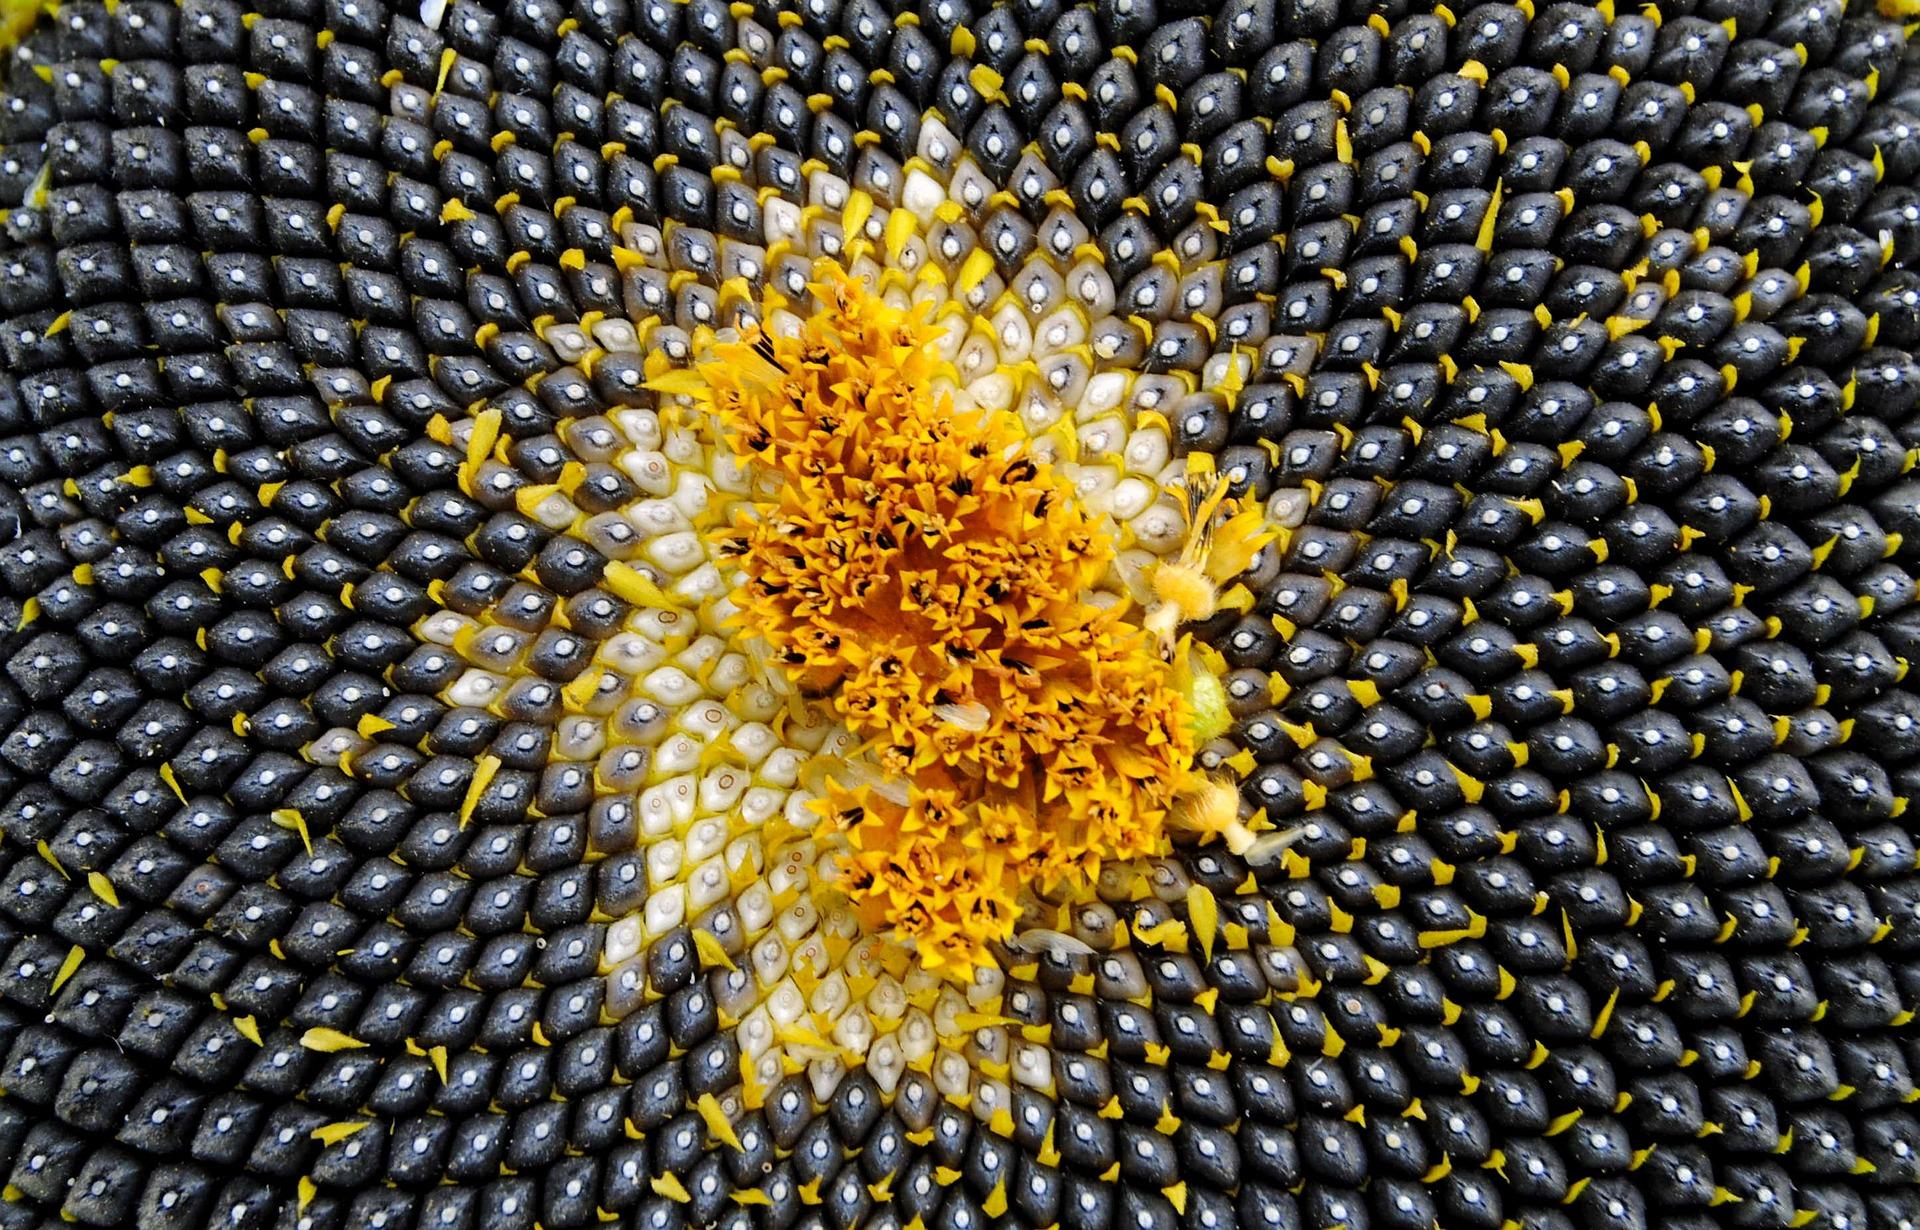 Закупівельні ціни на соняшник в Україні впритул наблизилися до 25 тис. грн/т